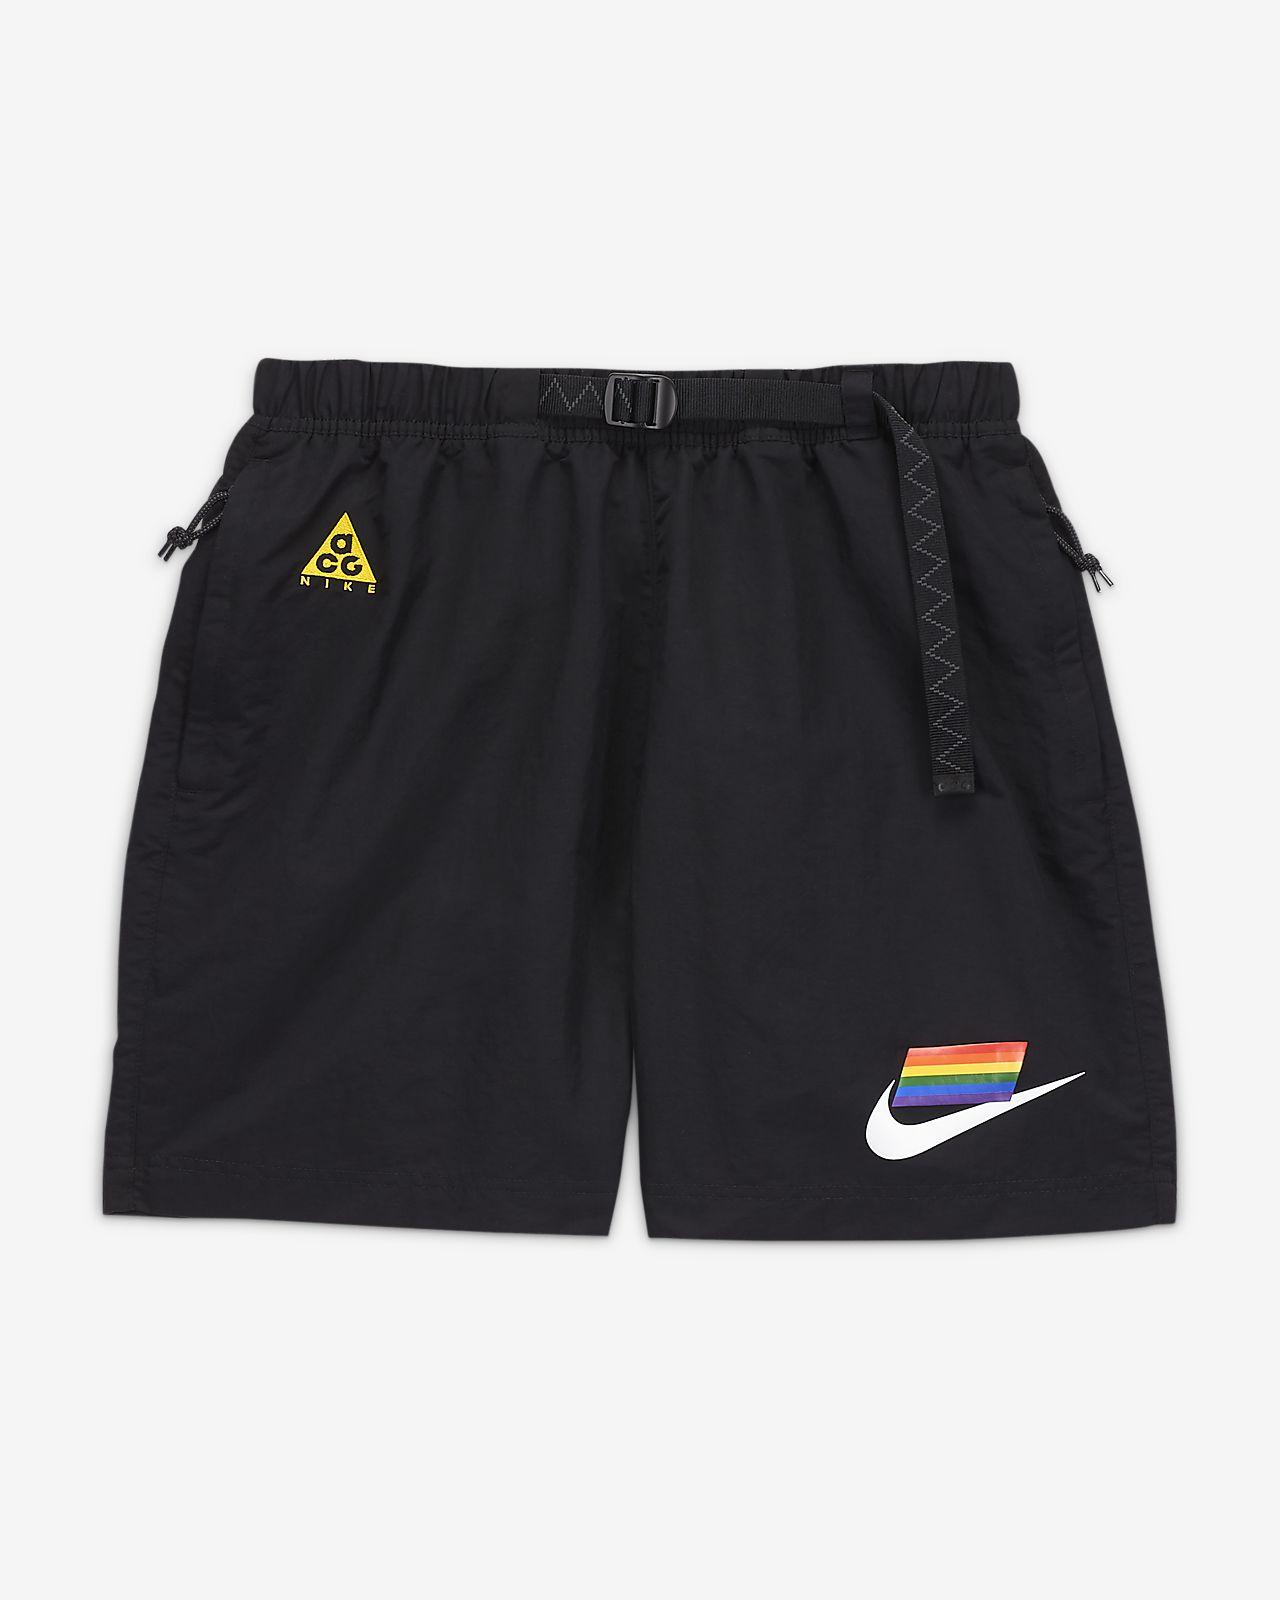 Nike BETRUE Woven Shorts